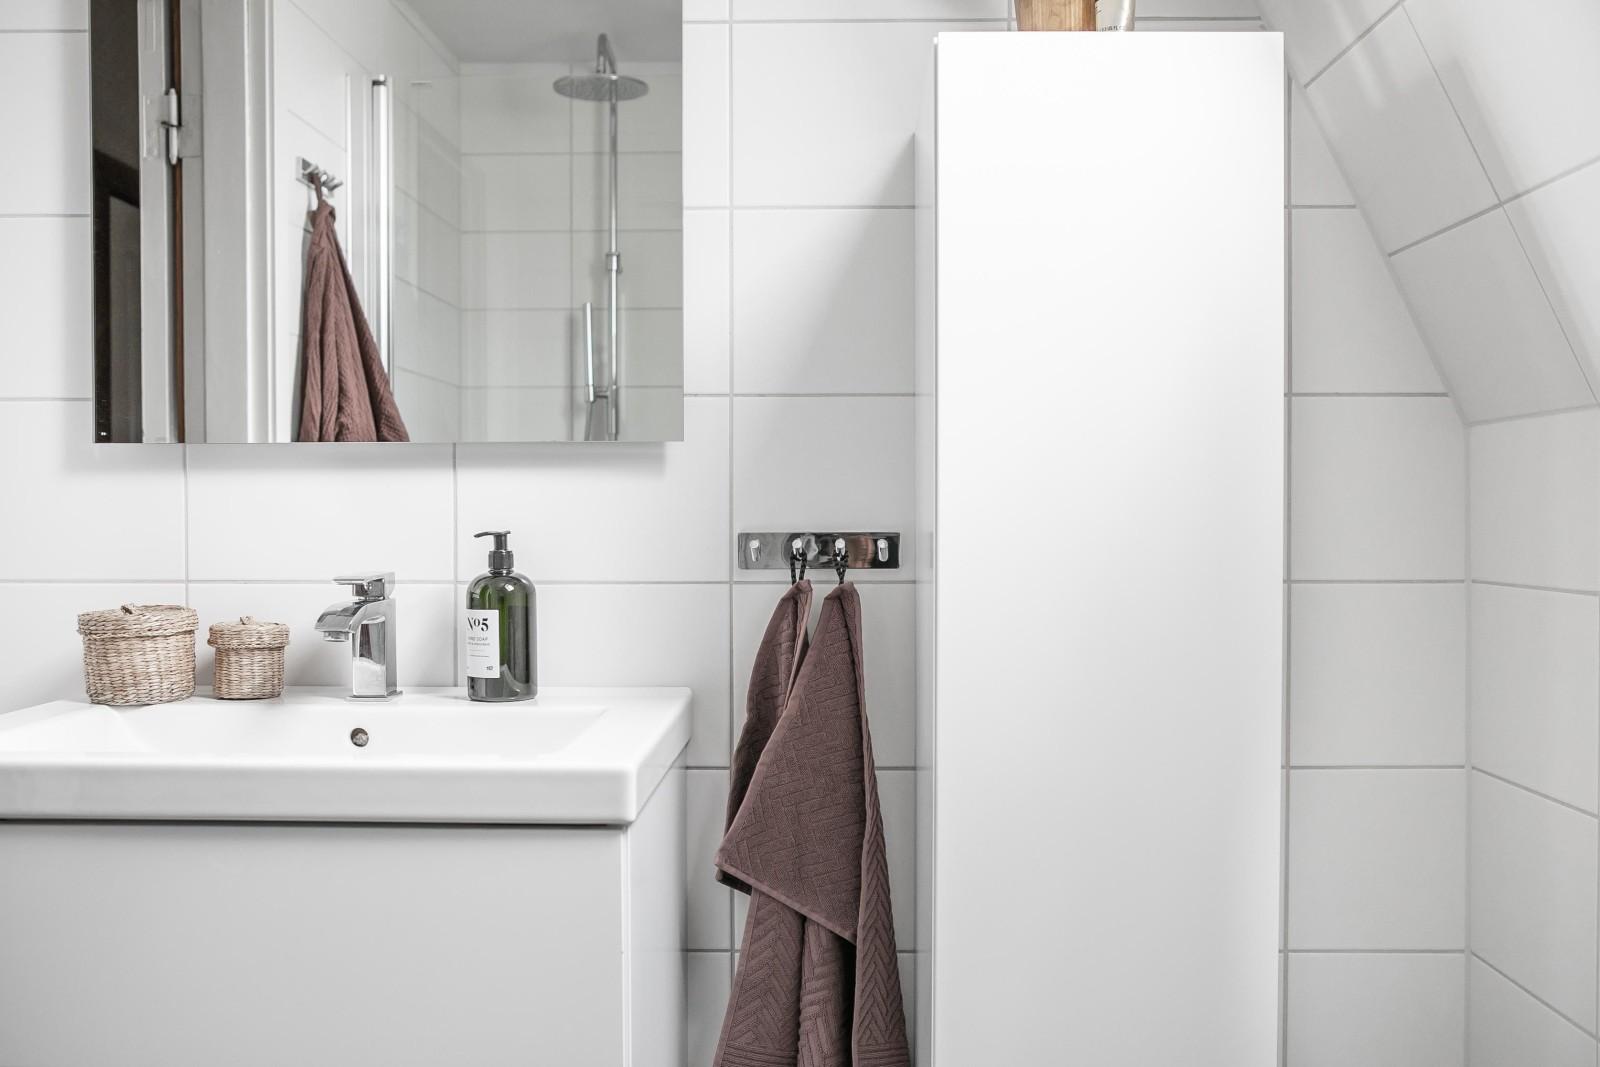 Dusch - Toalett..